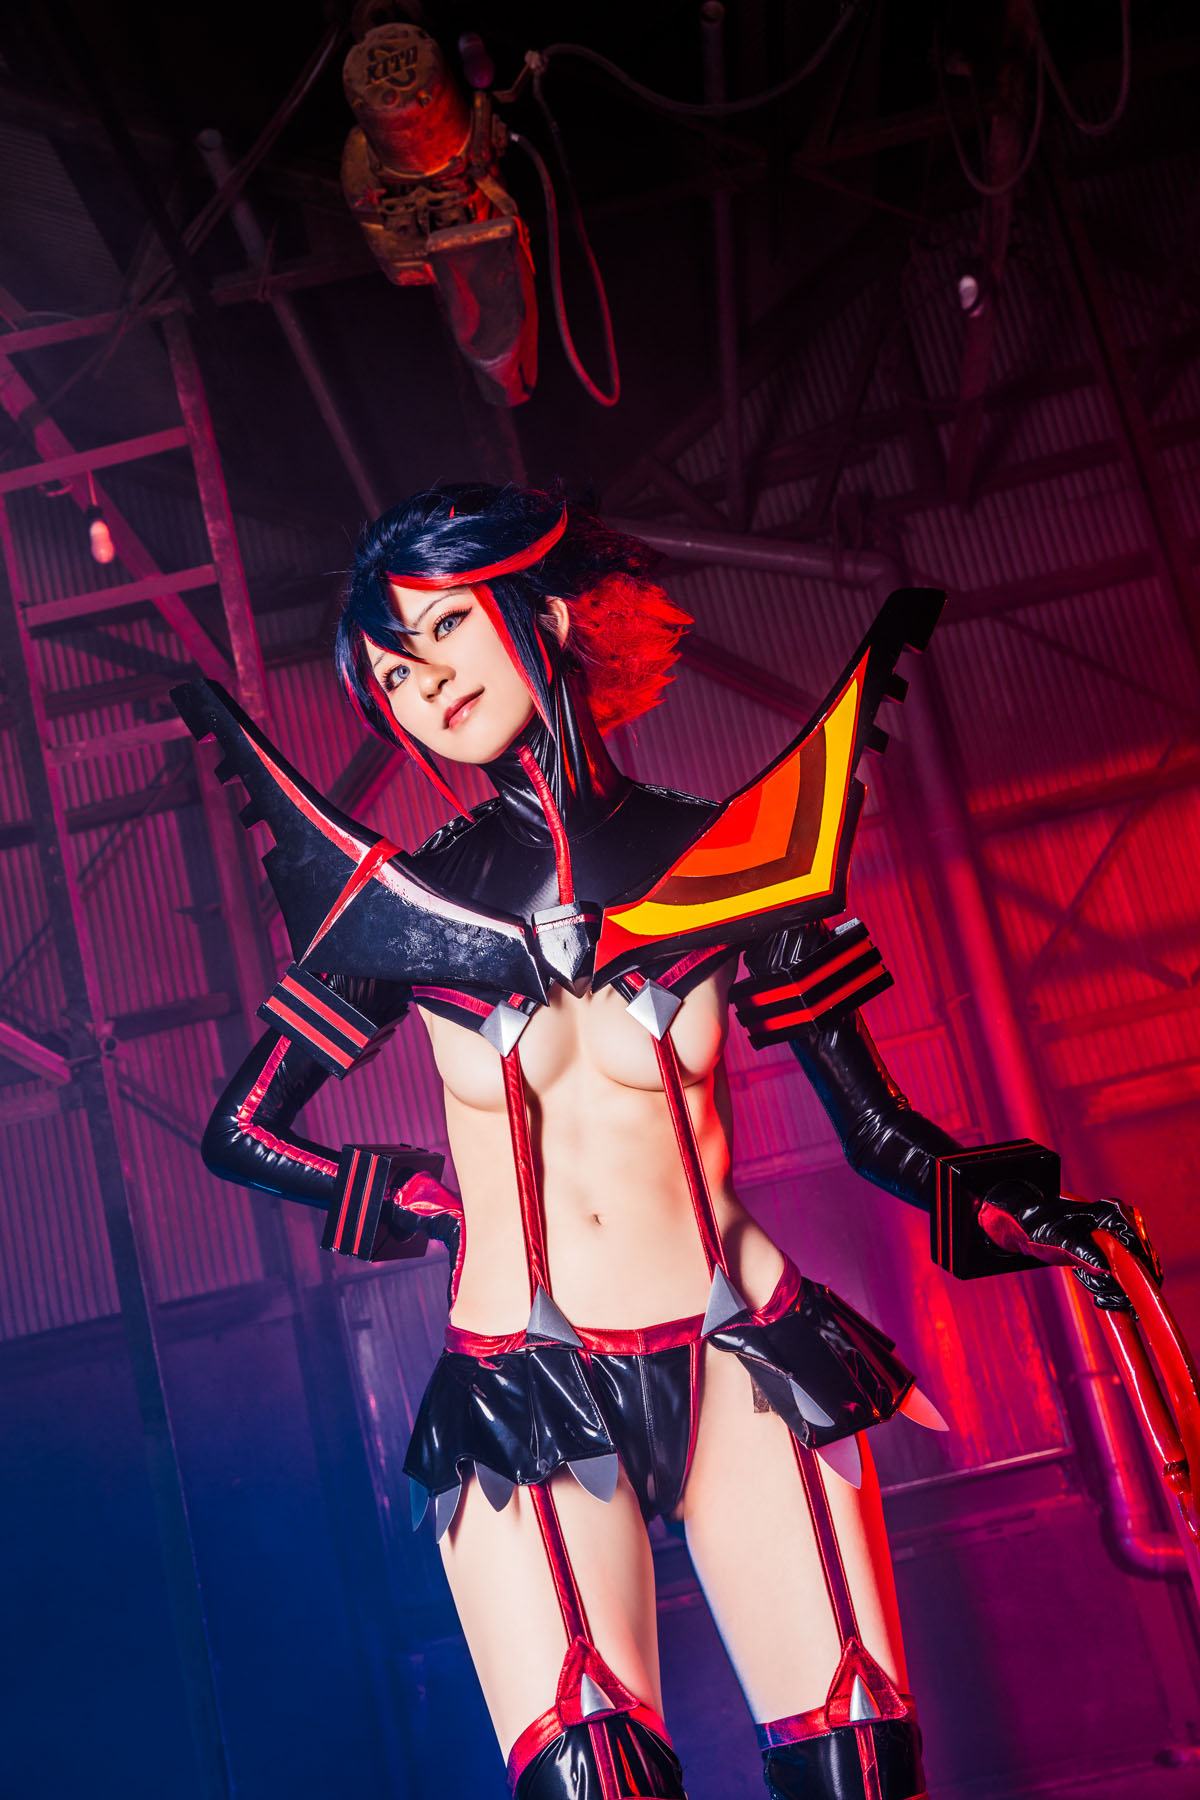 Kill la Kill Ryuuko Matoi anime cosplay by Mikehouse 0067